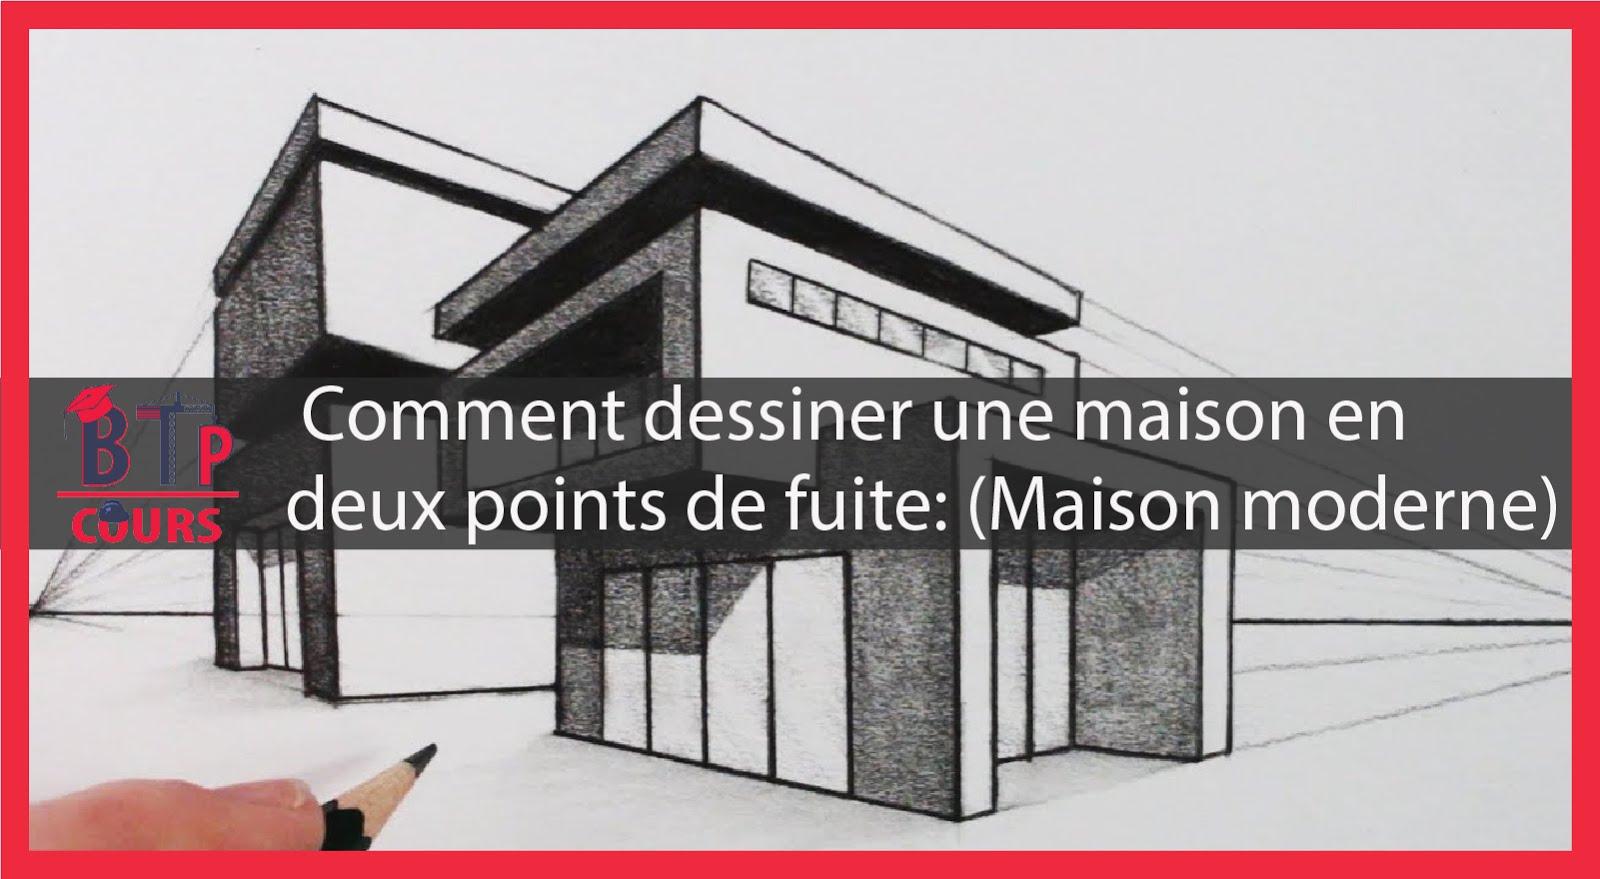 Cette vidéo vous apprend a dessiner une maison maison moderne en deux points de fuite maison moderne